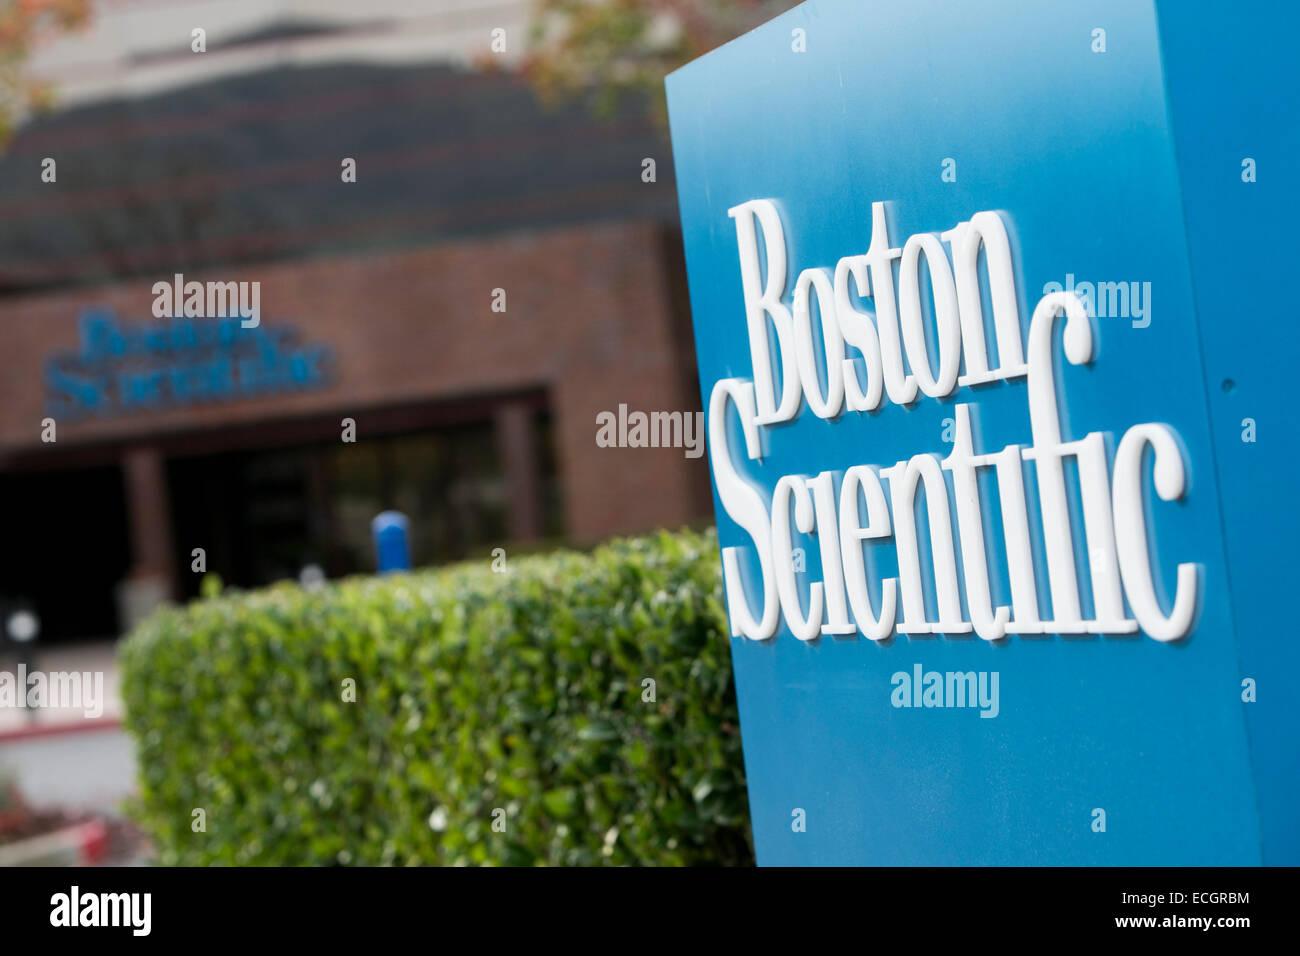 Un complejo de oficinas ocupadas por Boston Scientific. Imagen De Stock